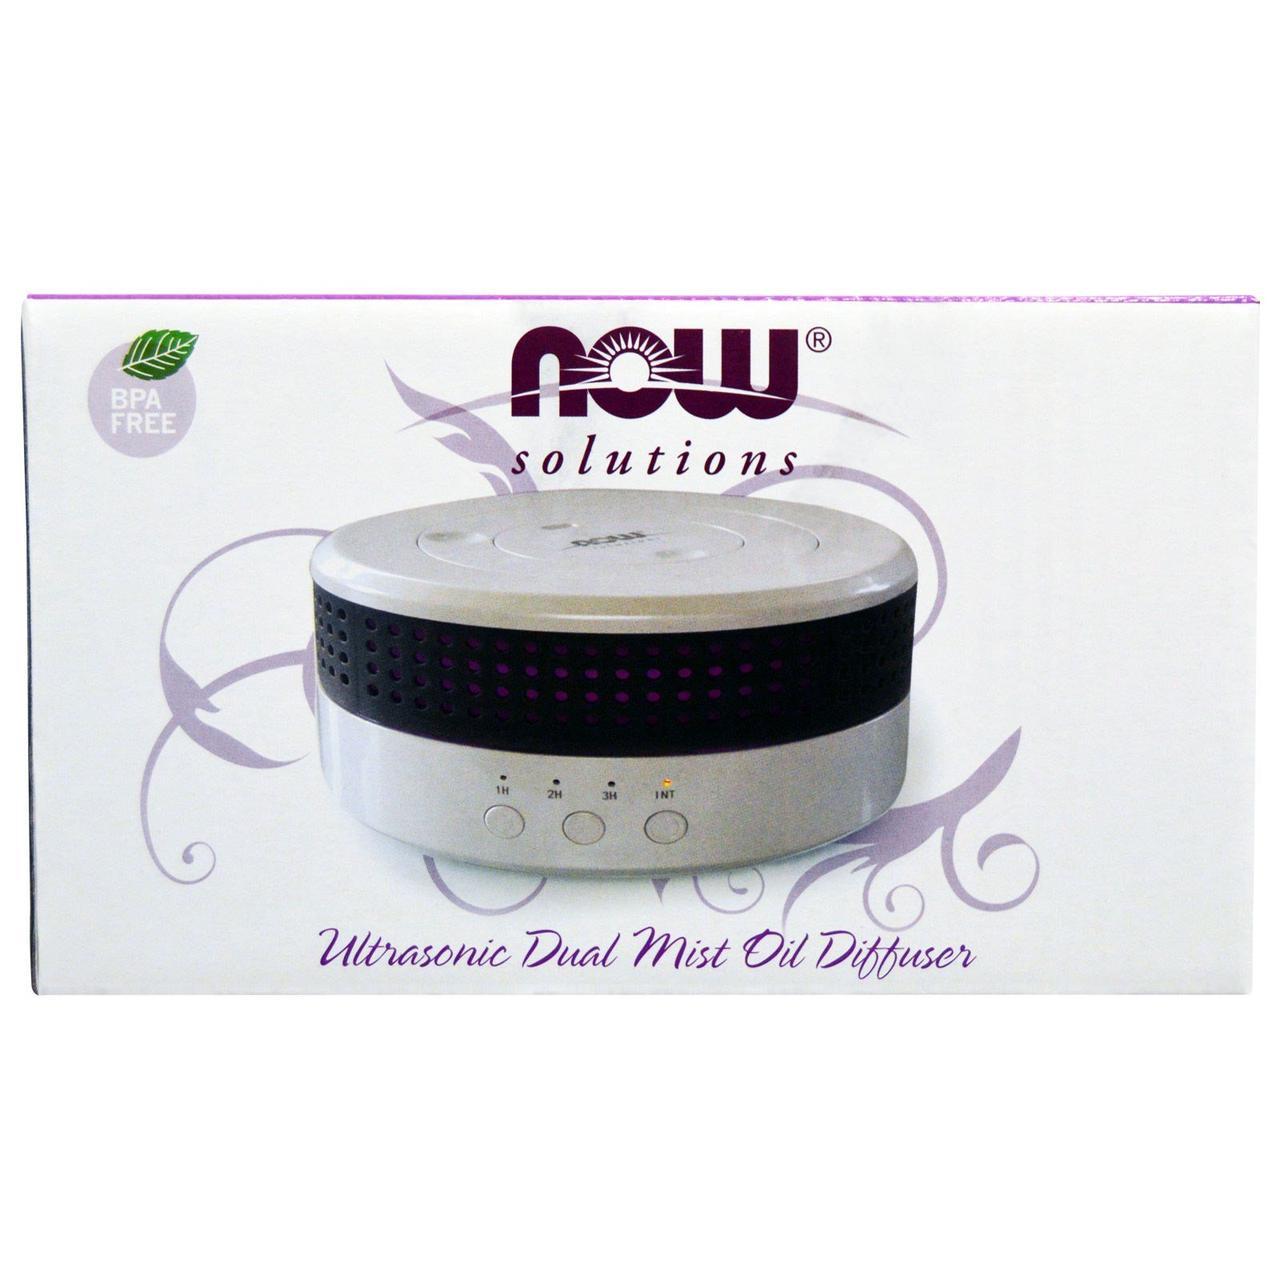 Ультразвуковой диффузор (Ultrasonic Dual Mist Oil Diffuser), Now Foods, 1 шт.